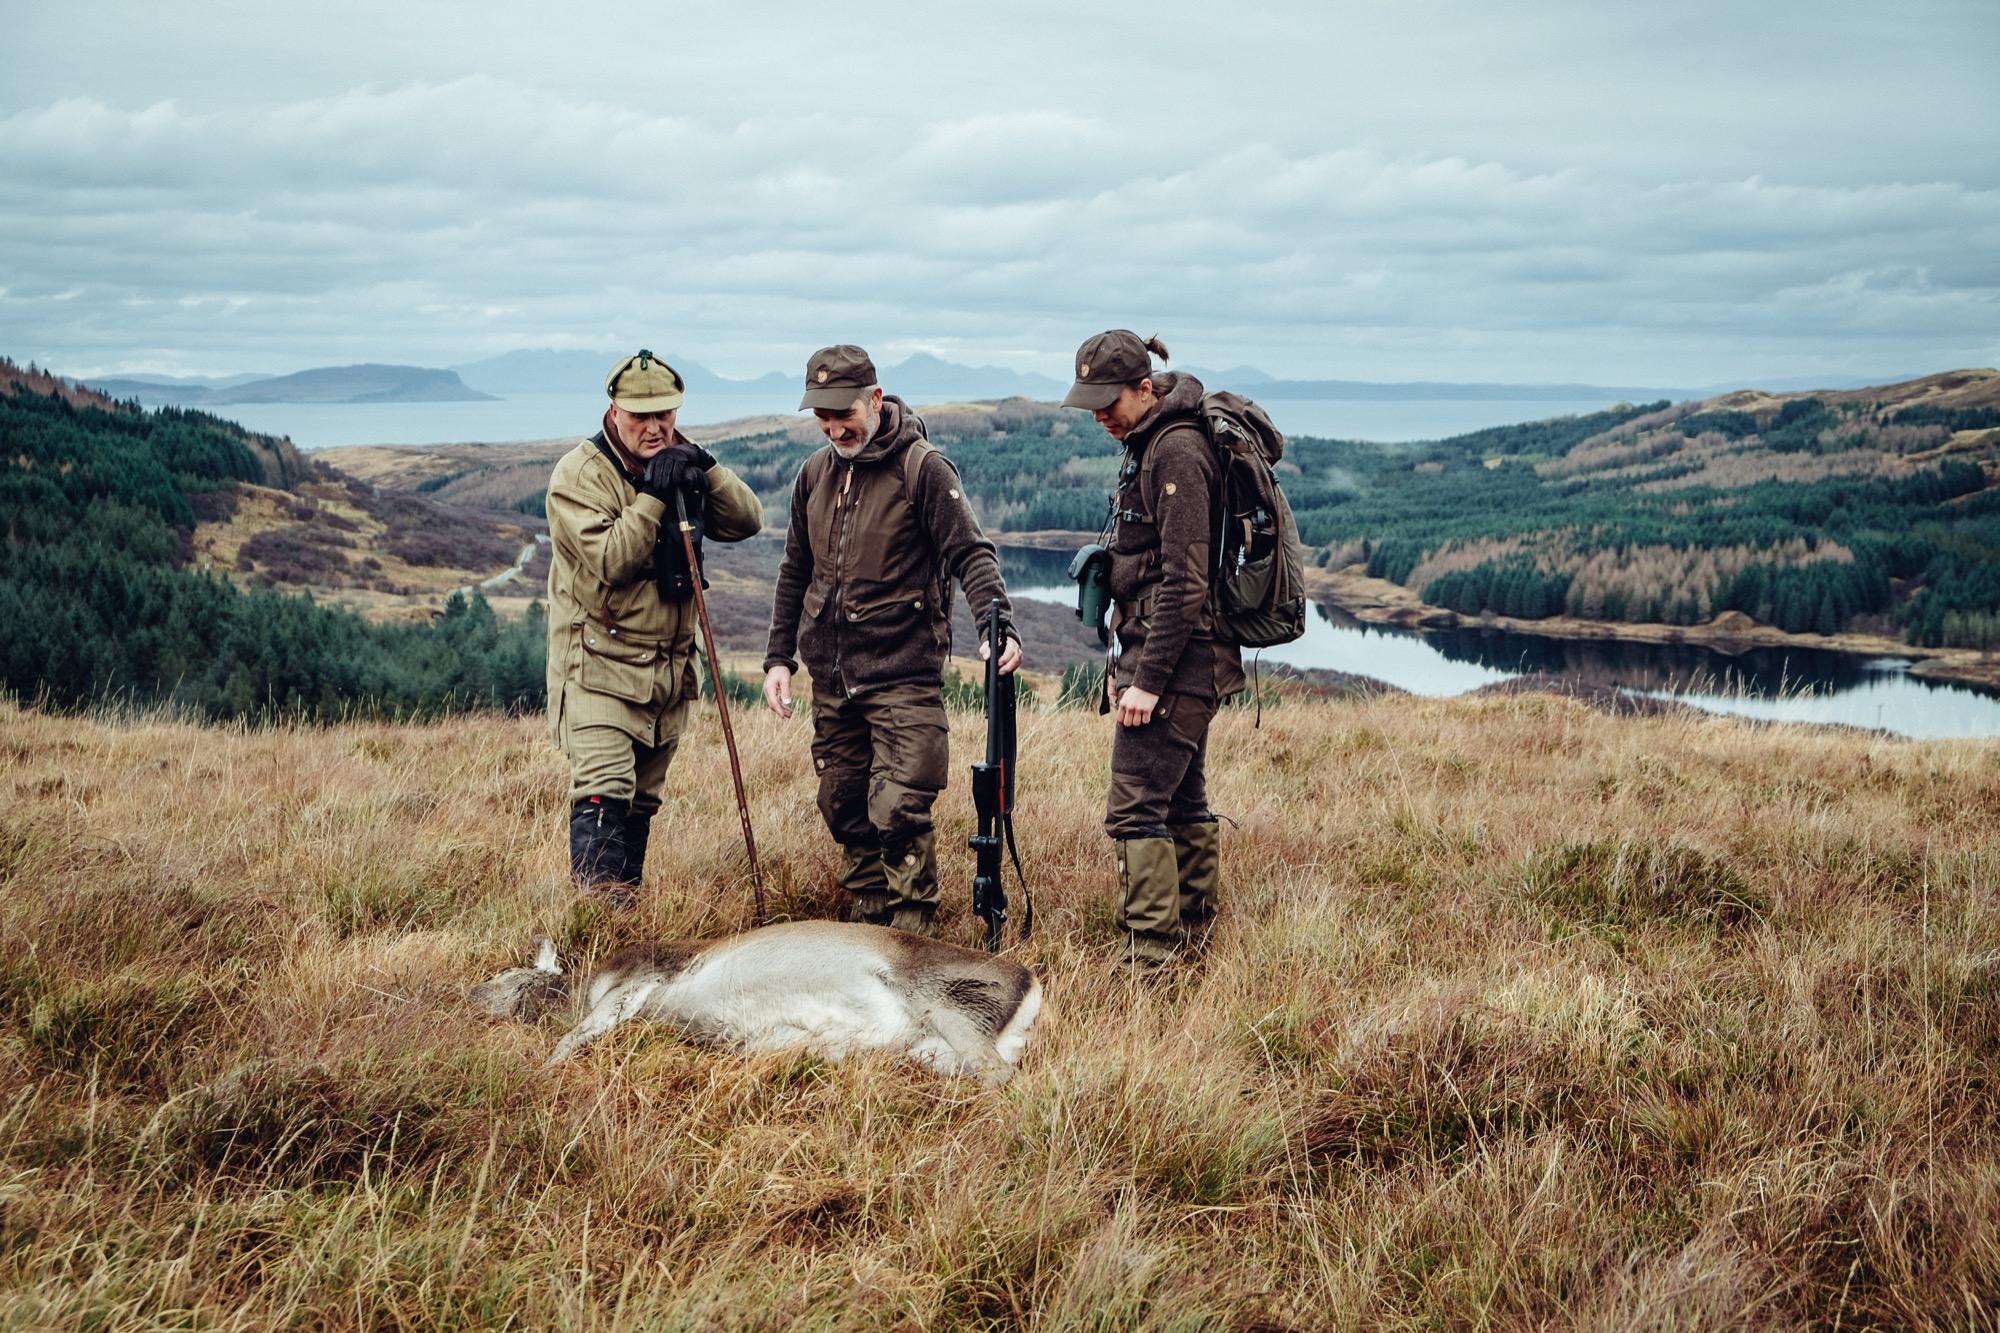 Fjällräven Pirsch Kombo Ergebnisse der JÄGER Testreise 2017 jagen ins Schottland hunting highlands westhighlandhunting JÄGERMAGAZIN Swarovski